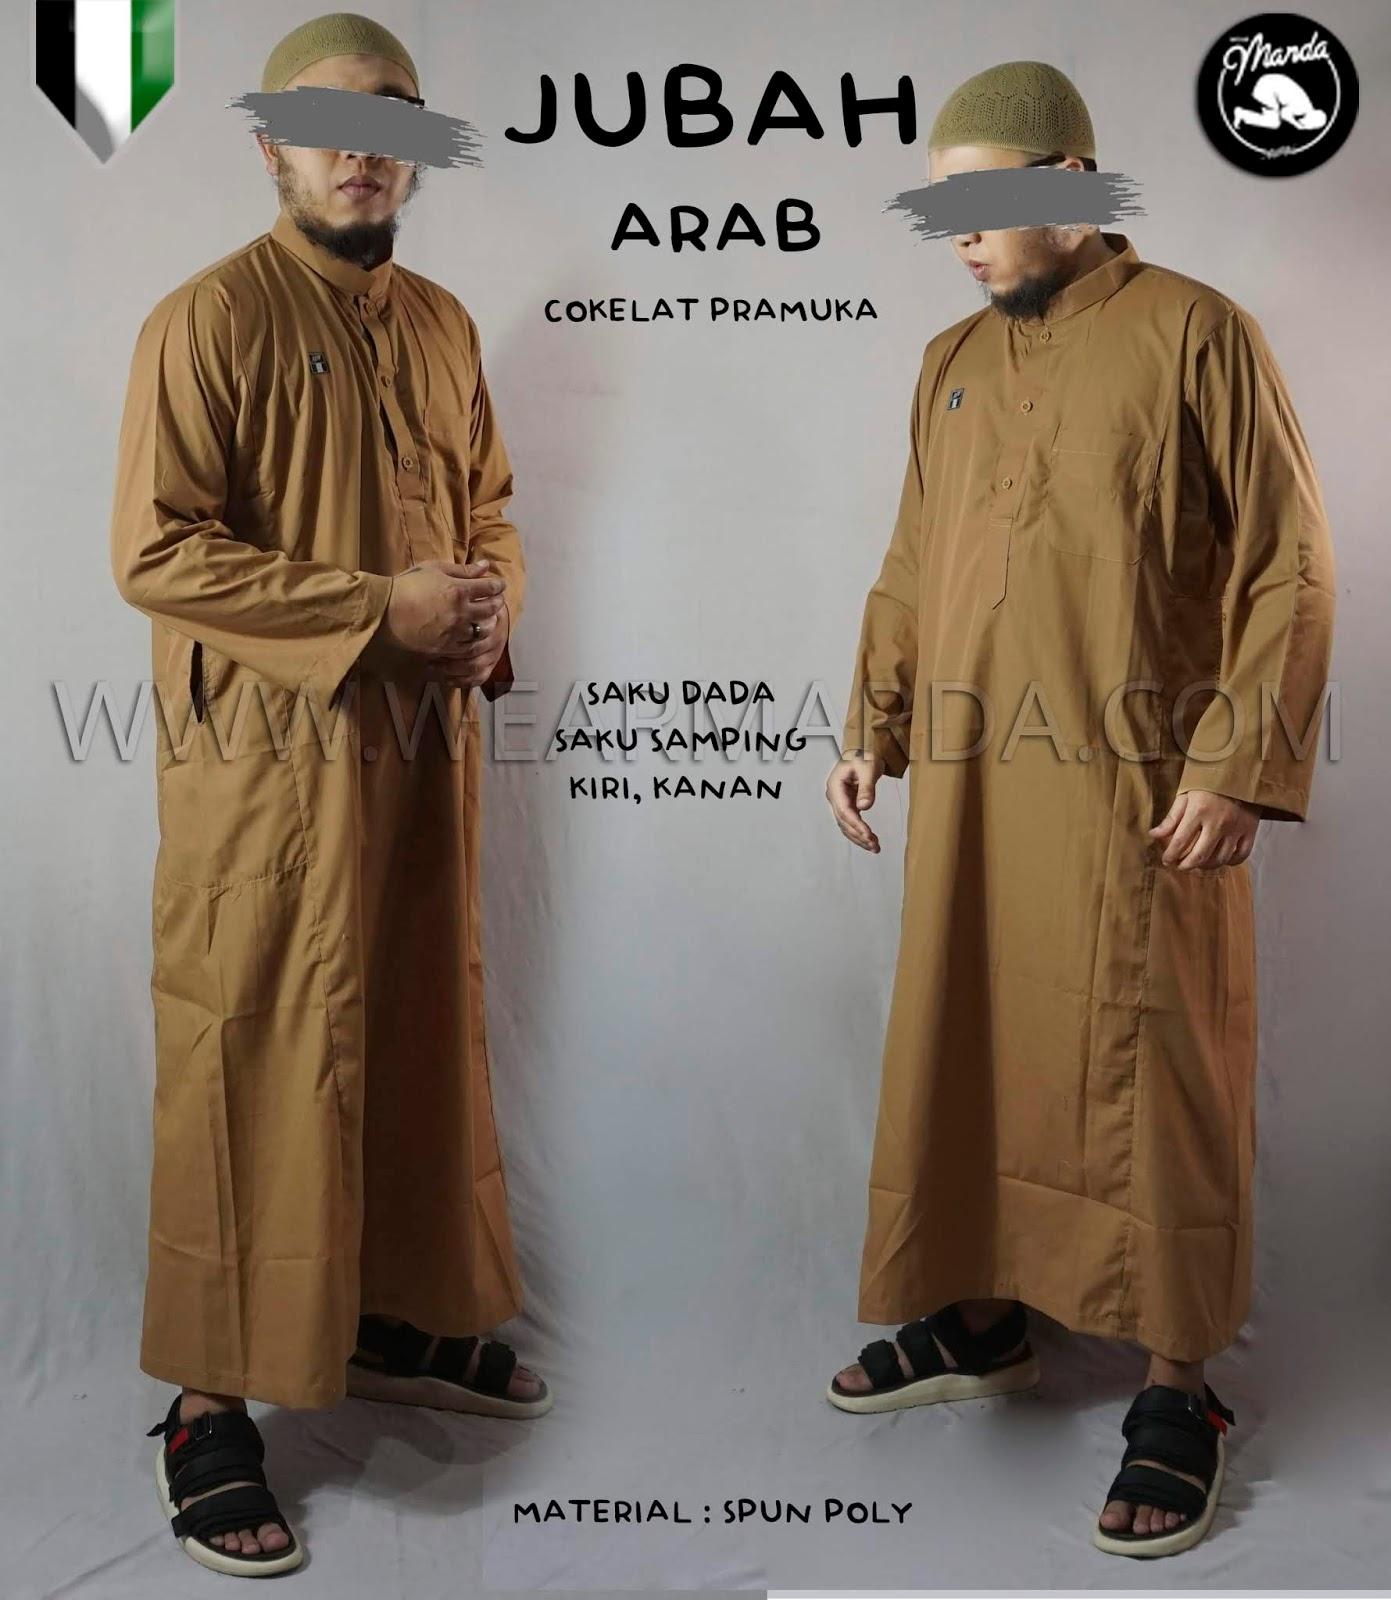 JUBAH ARAB COKELAT PRAMUKA